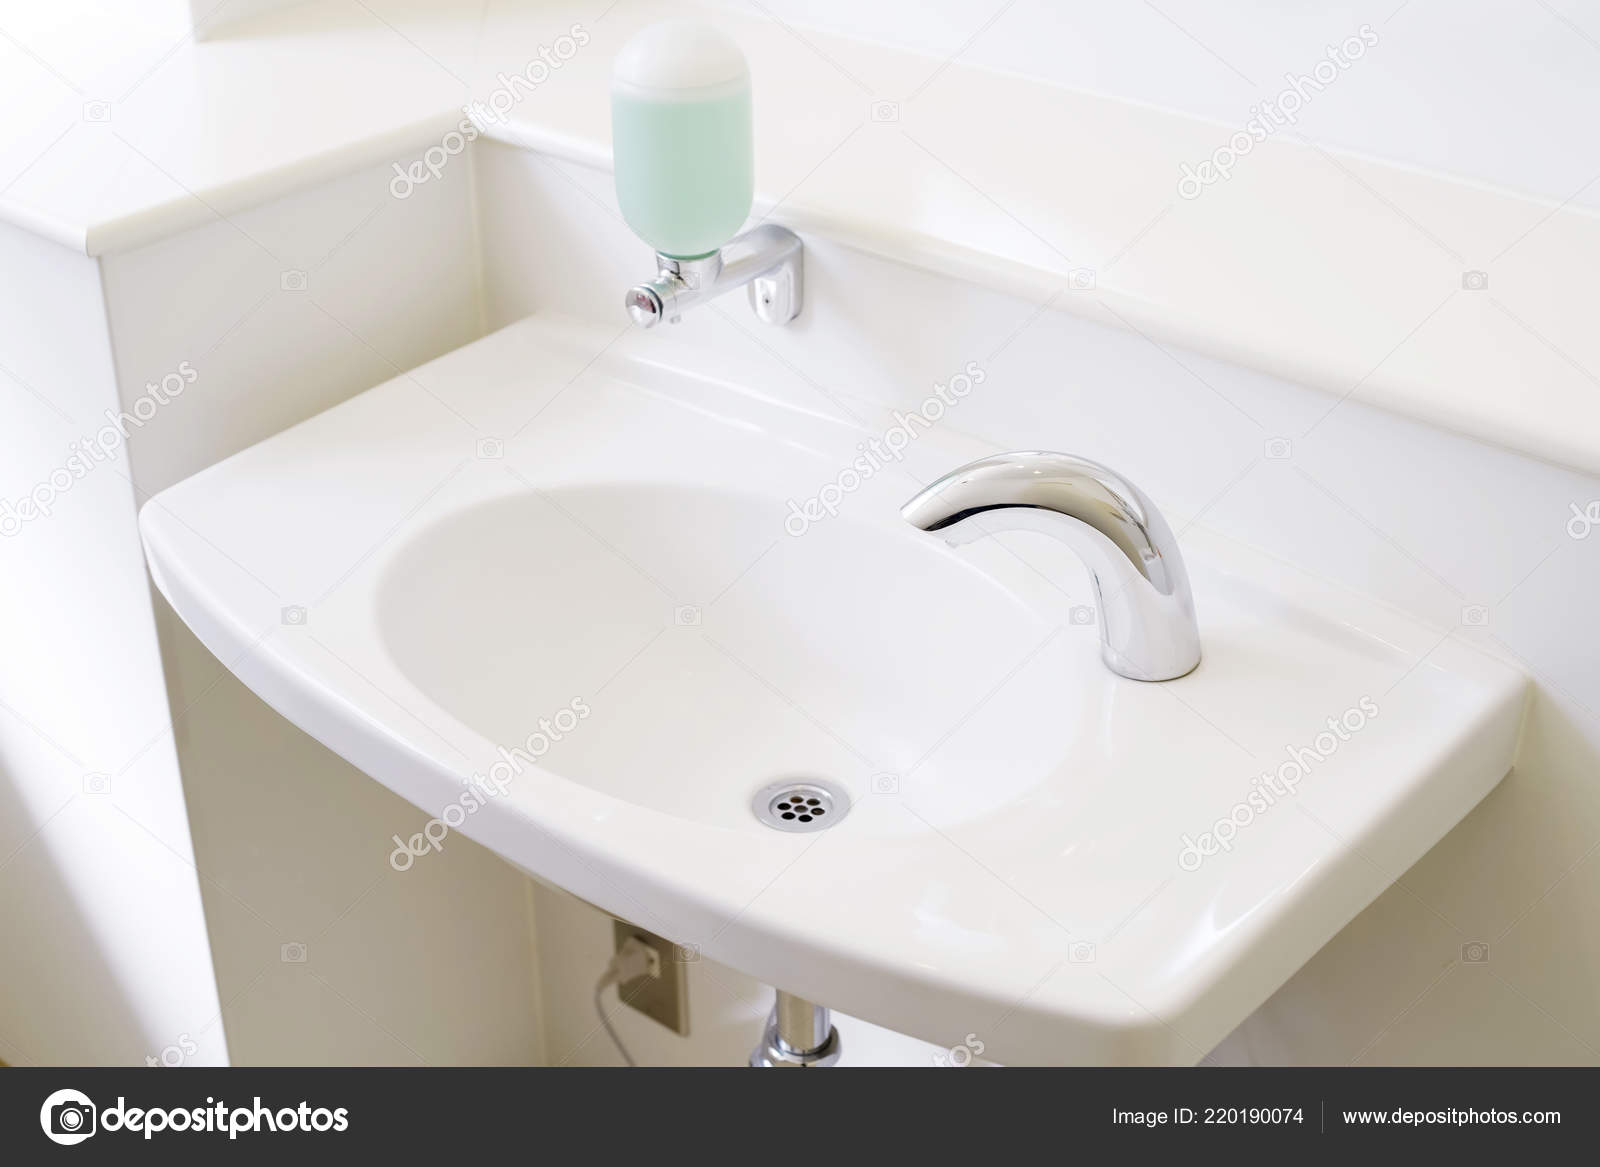 Toilette Waschbecken Interieur Der öffentlichen Toilette Mit